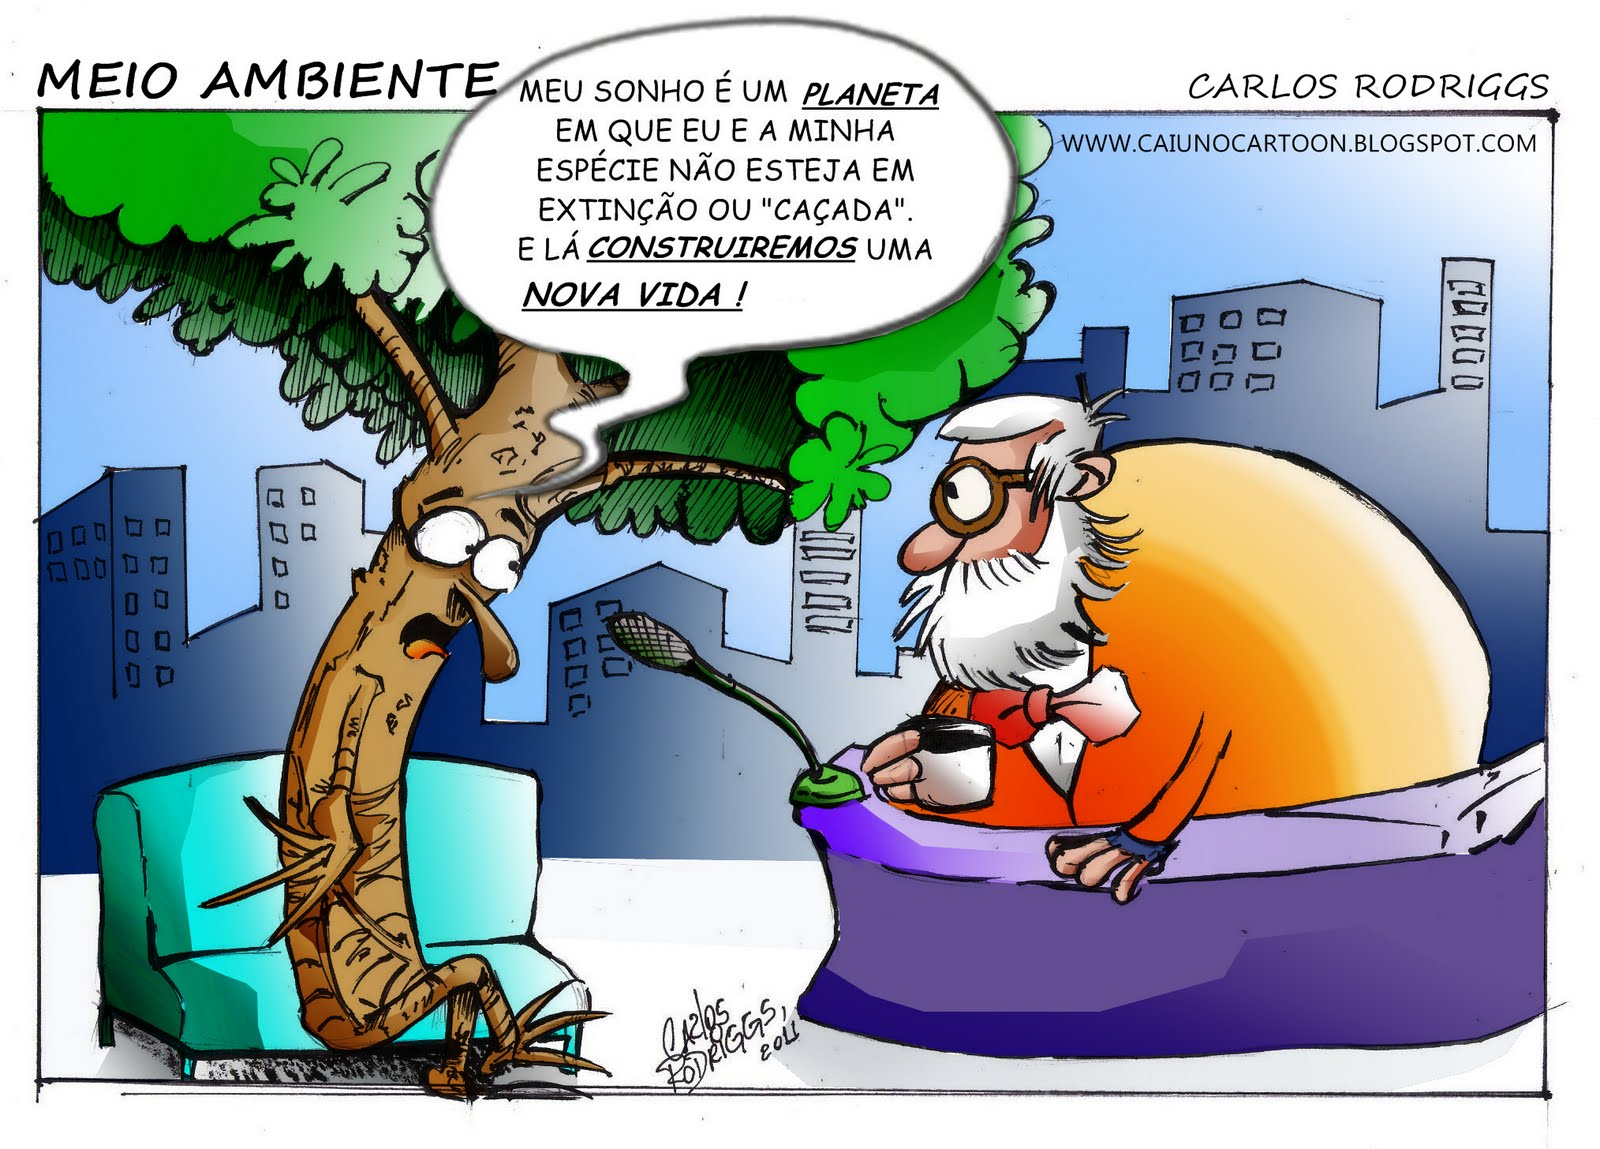 Caiu No Cartoon Meio Ambiente 2